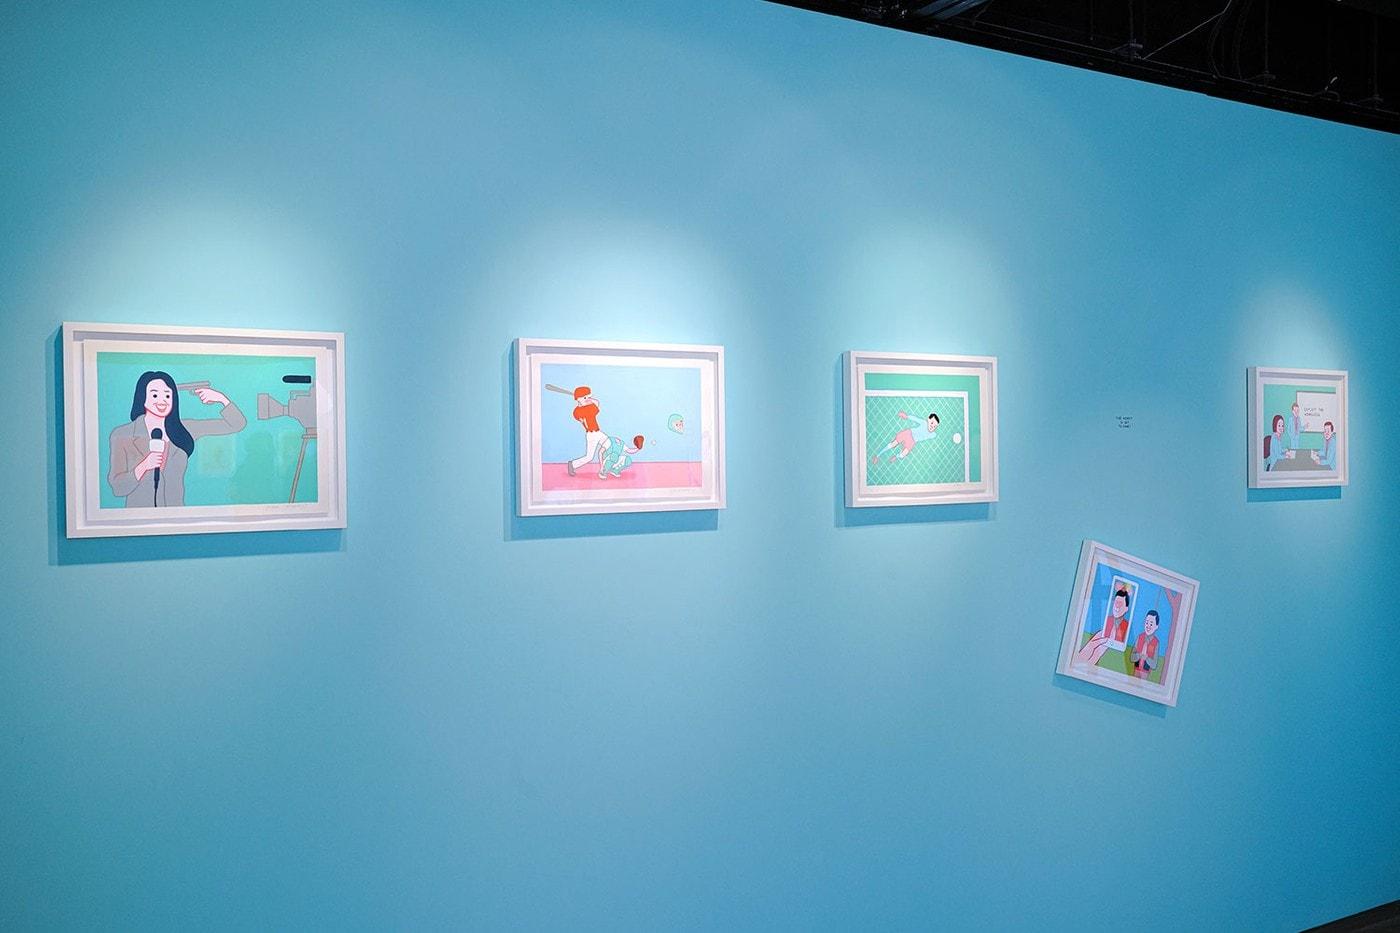 「我会以质疑自己的方式去推翻对事物的强烈想法」| 专访艺术家 Joan Cornellà